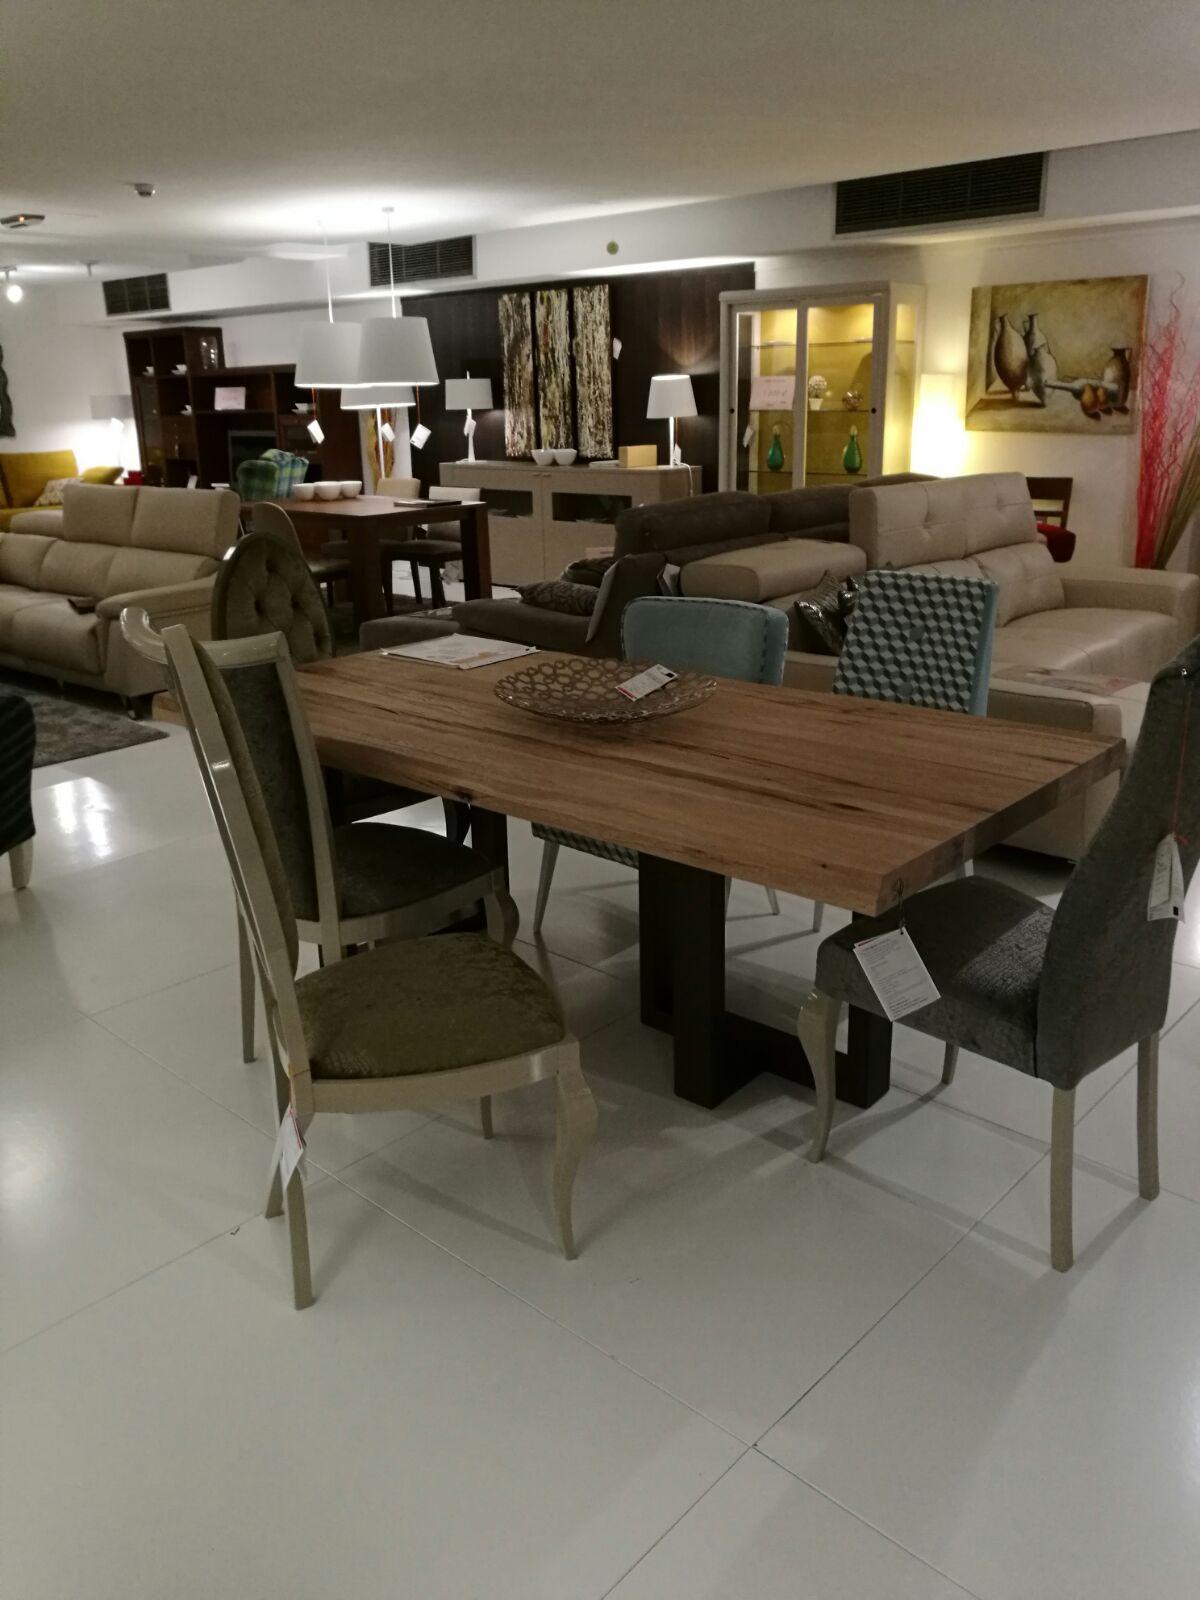 Bases para todo tipo de mesas y muebles